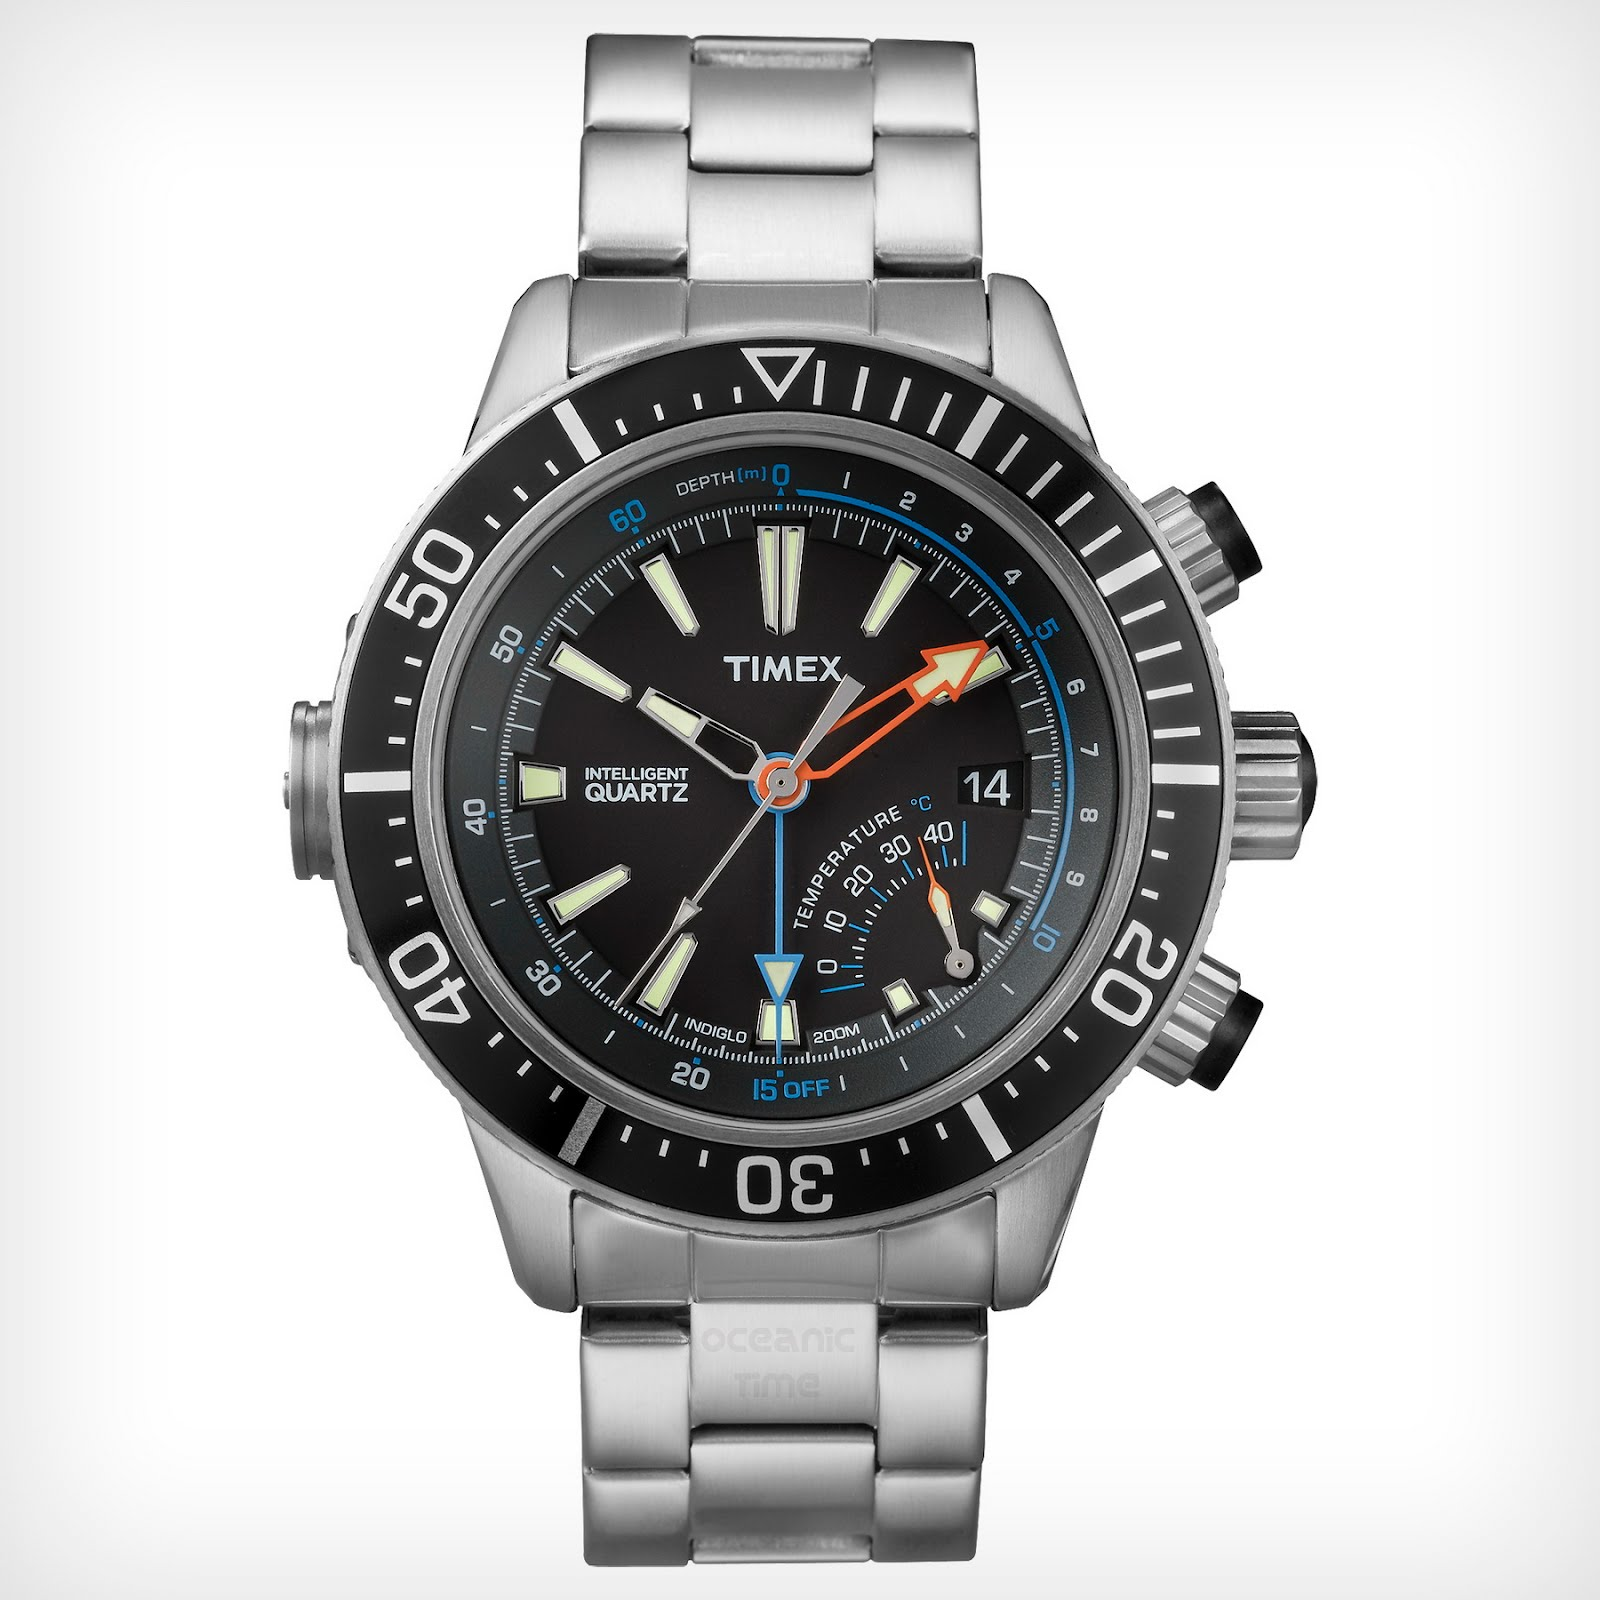 oceanictime timex intelligent quartz depth gauge